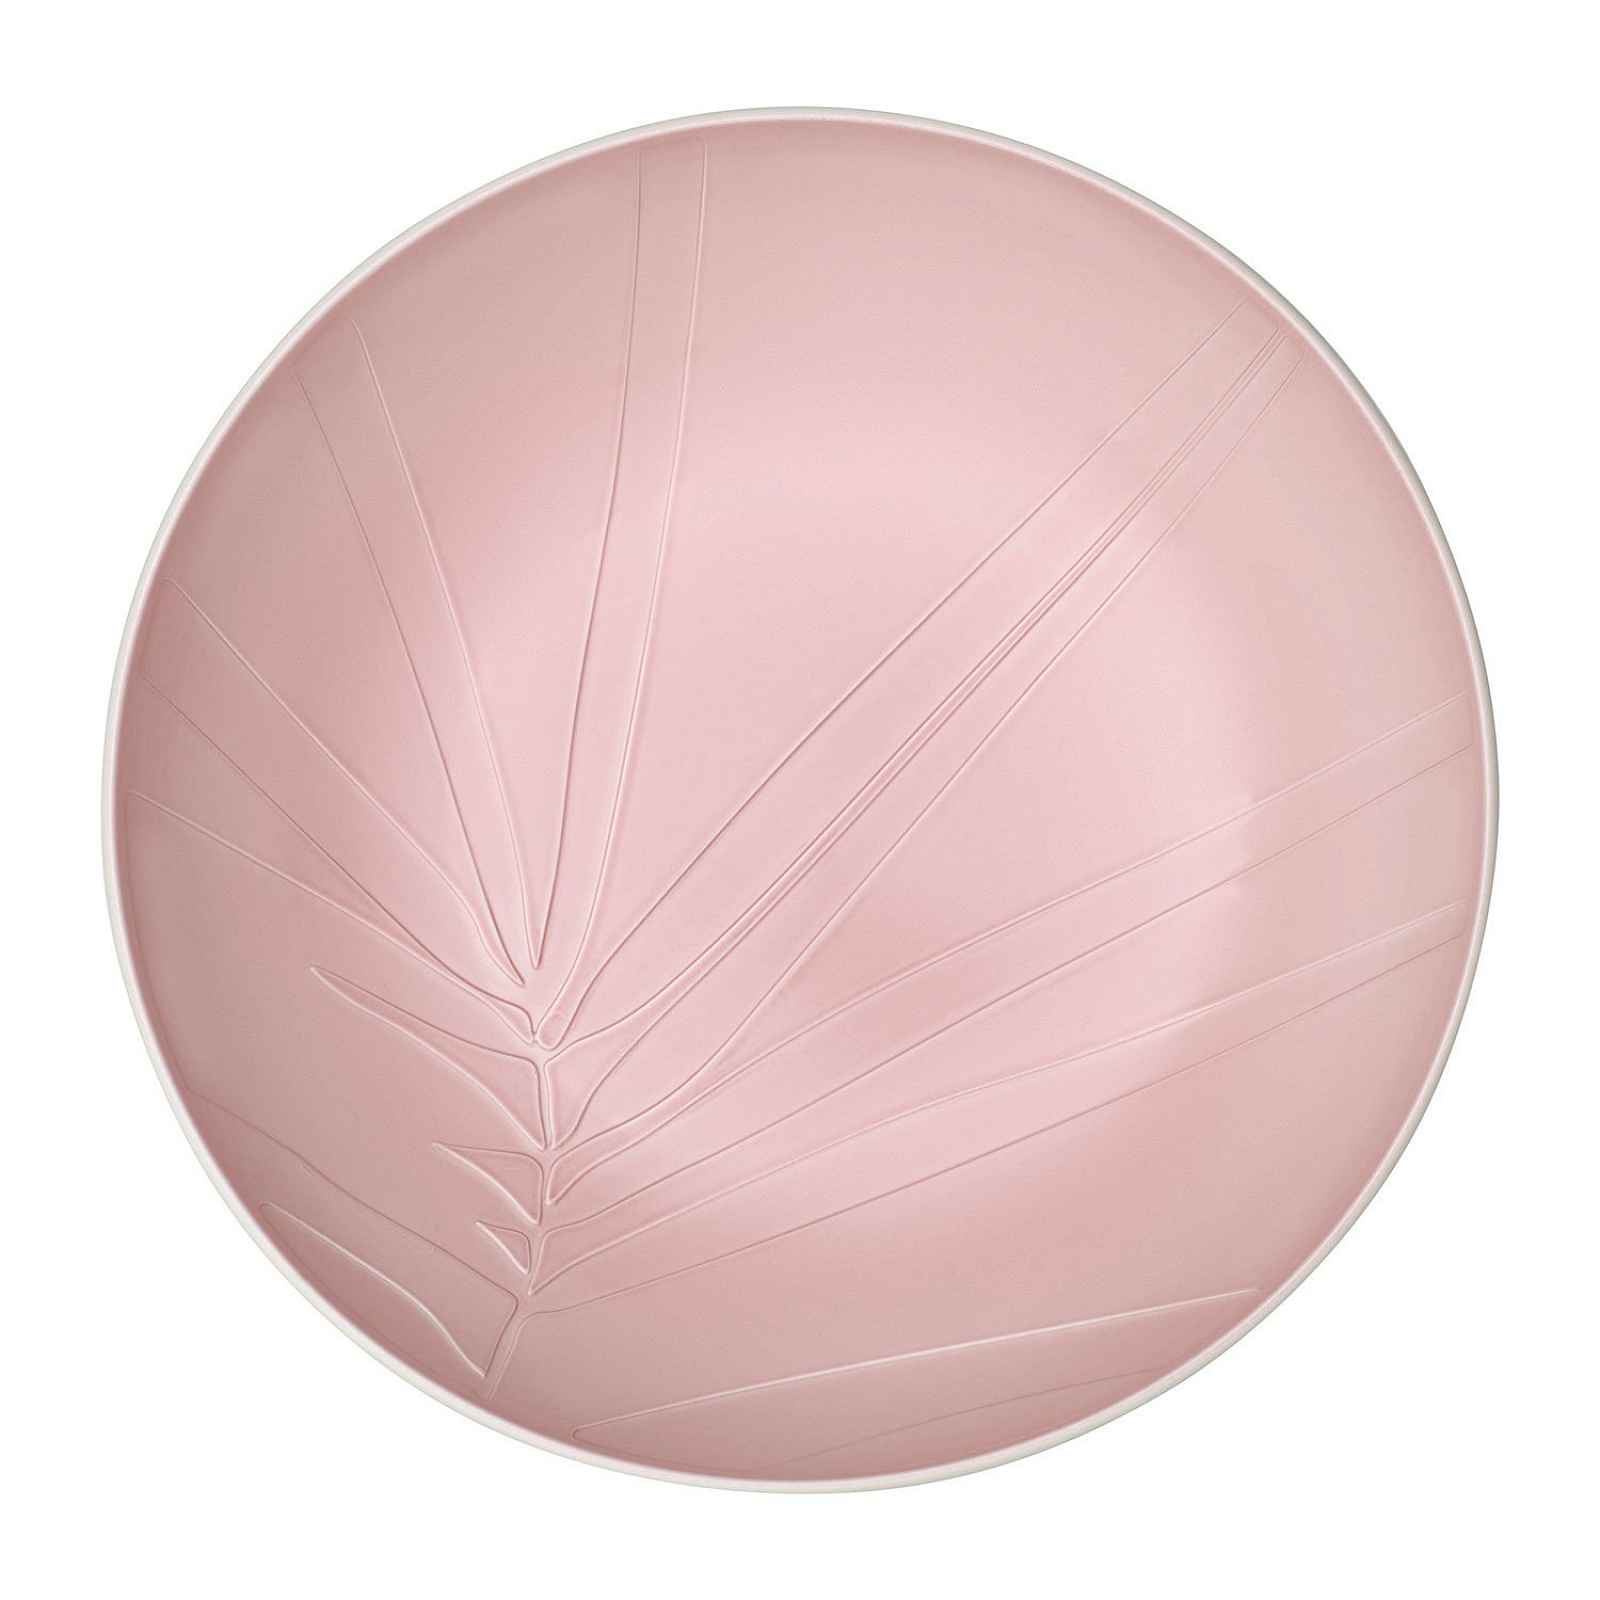 Bílo-růžová porcelánová servírovací miska Villeroy & Boch Leaf, ⌀ 26 cm